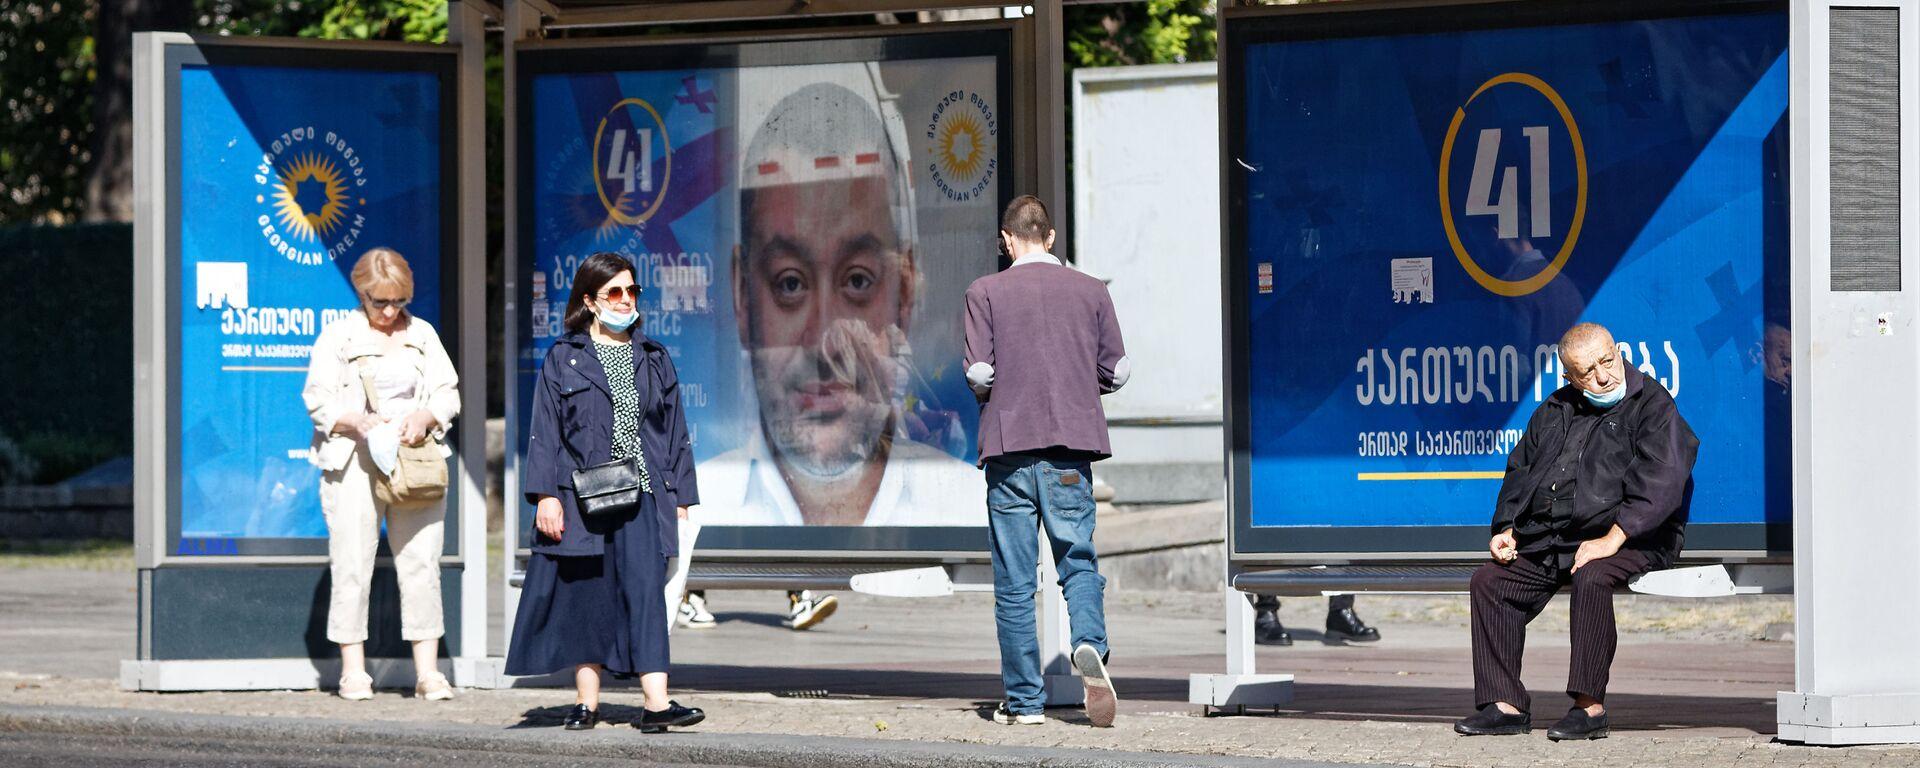 Предвыборная символика и коронавирус. Баннер правящей партии Грузинская мечта на автобусной остановке - Sputnik Грузия, 1920, 30.07.2021